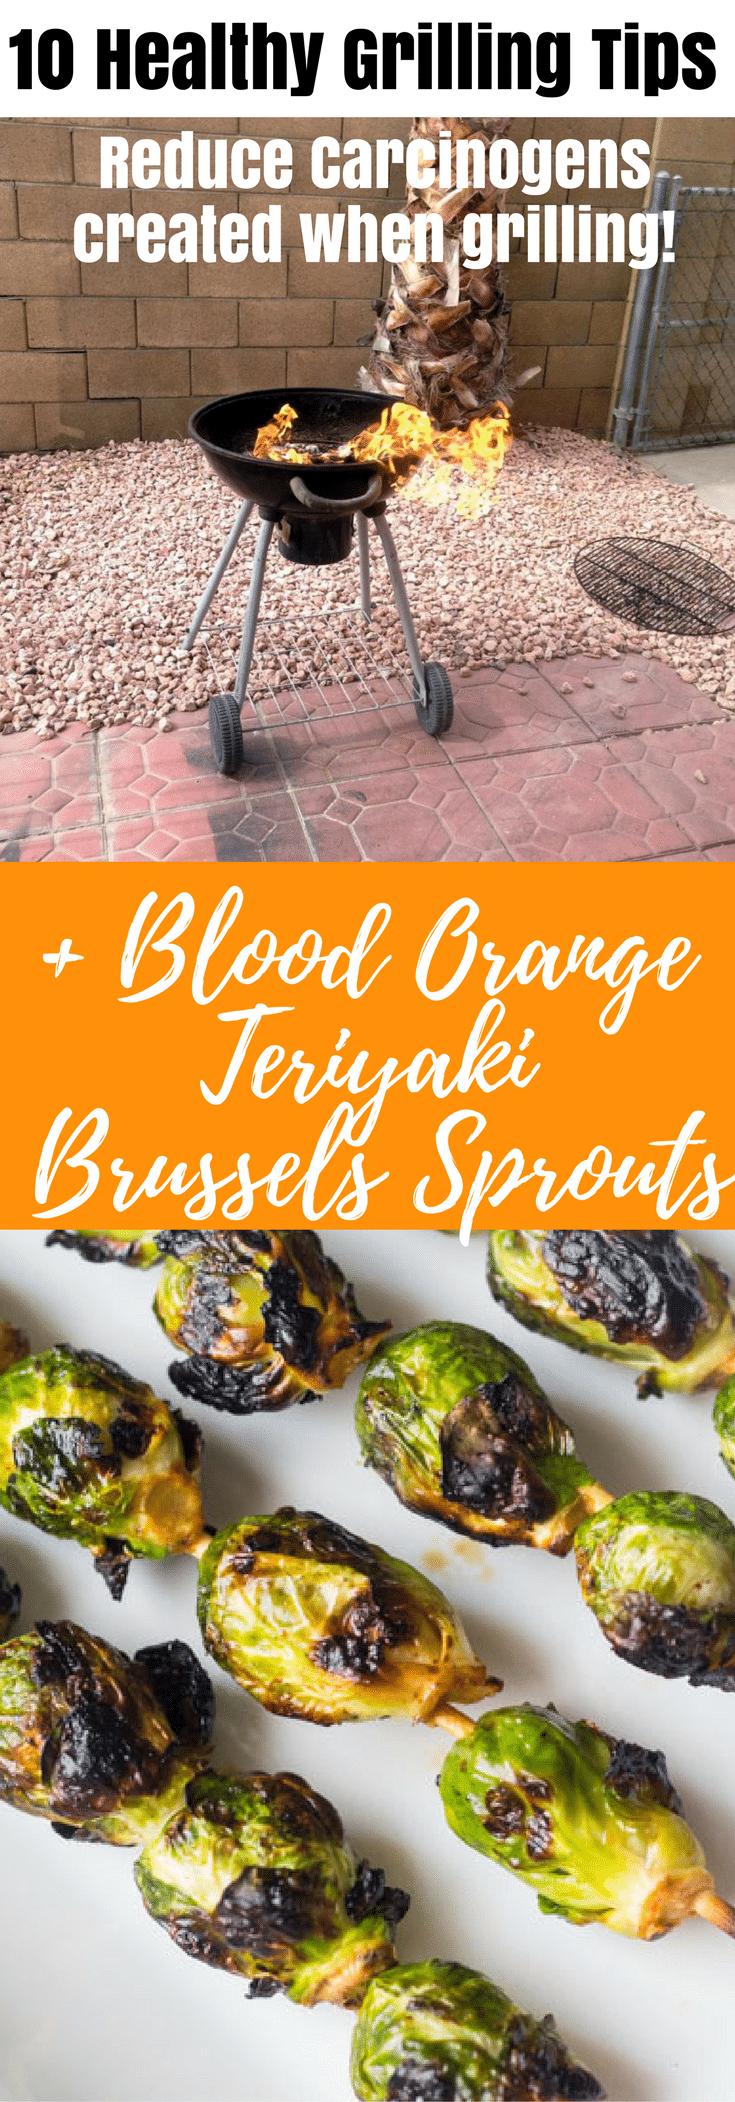 10 Healthy Grilling Tips + Blood Orange Teriyaki Skewers (Paleo)